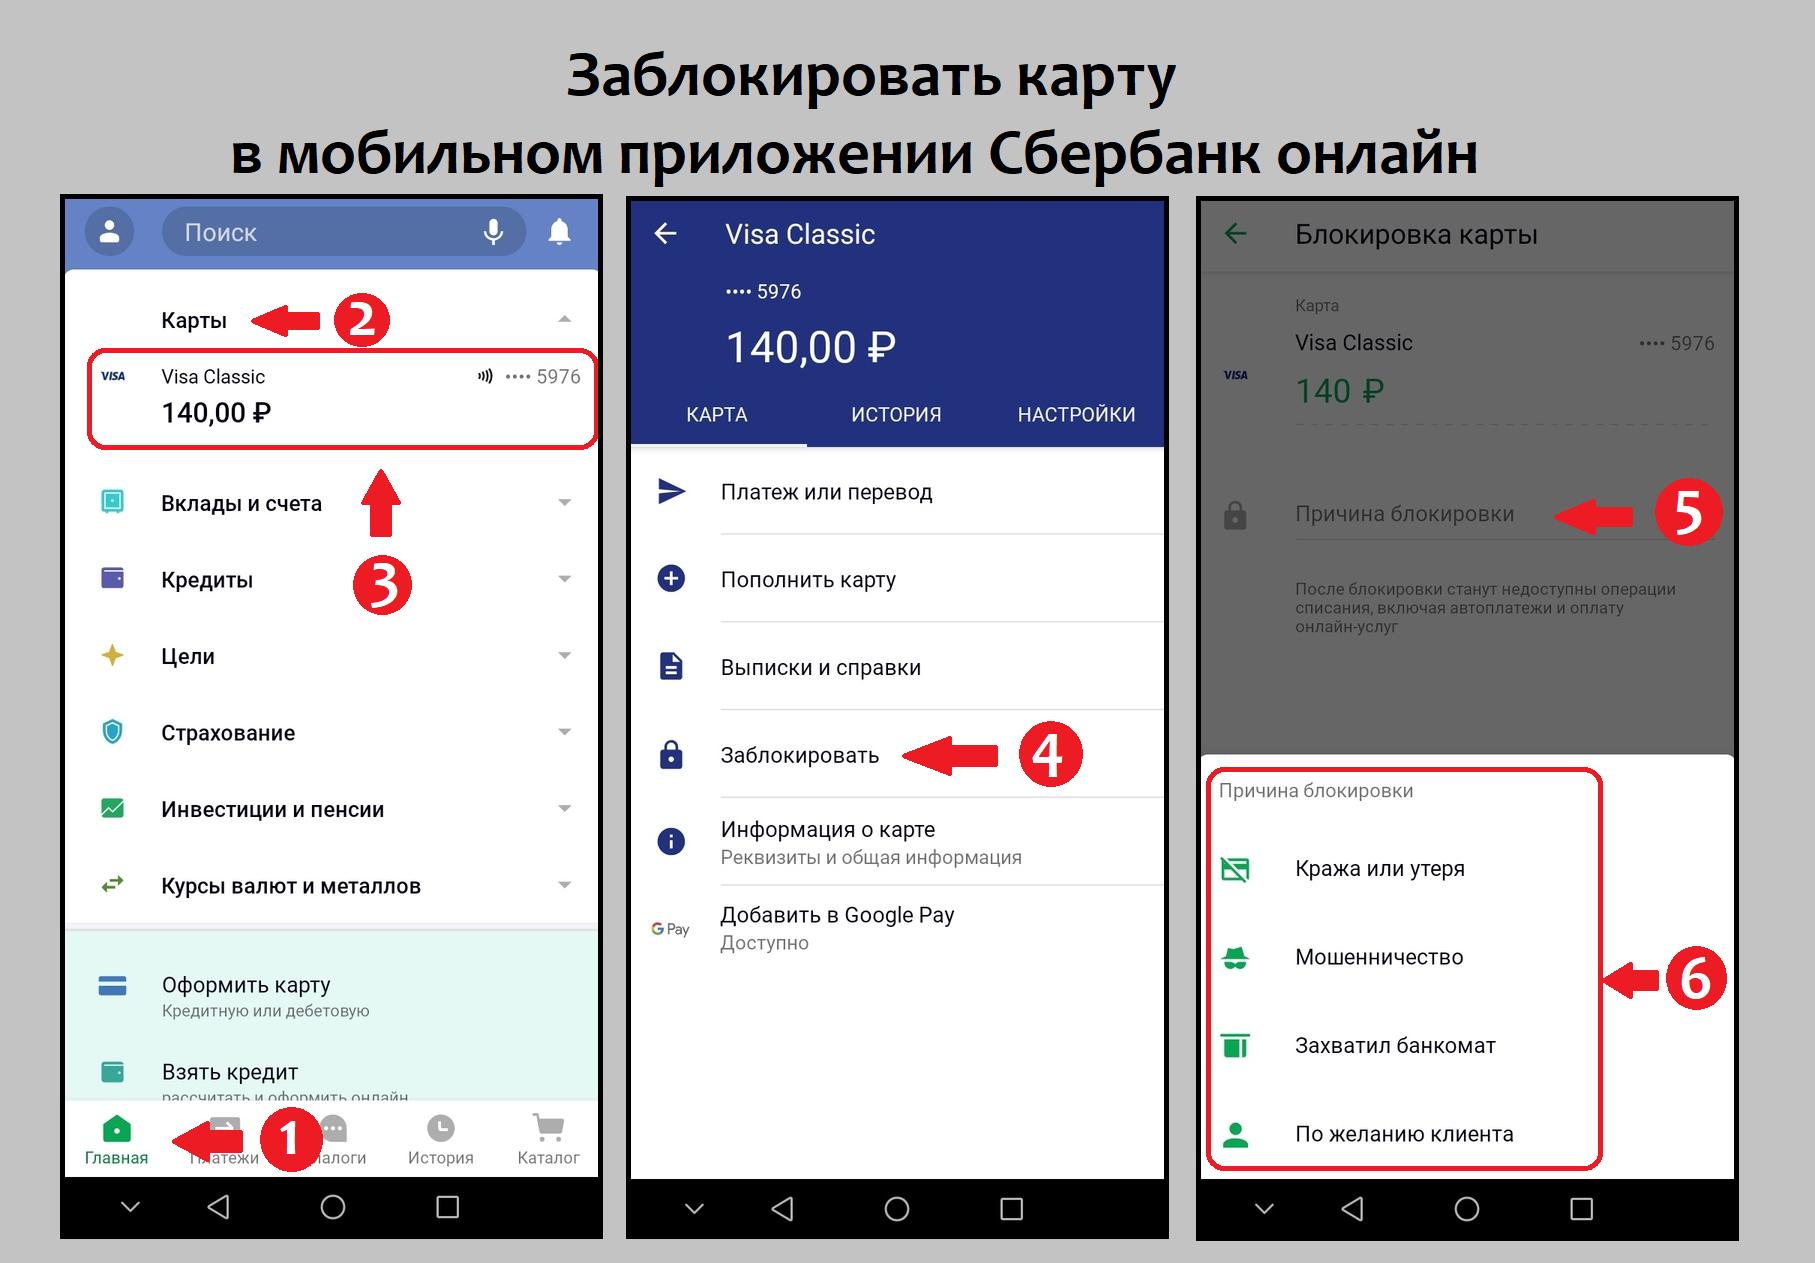 Заблокировать карту в мобильном приложении Сбербанк онлайн